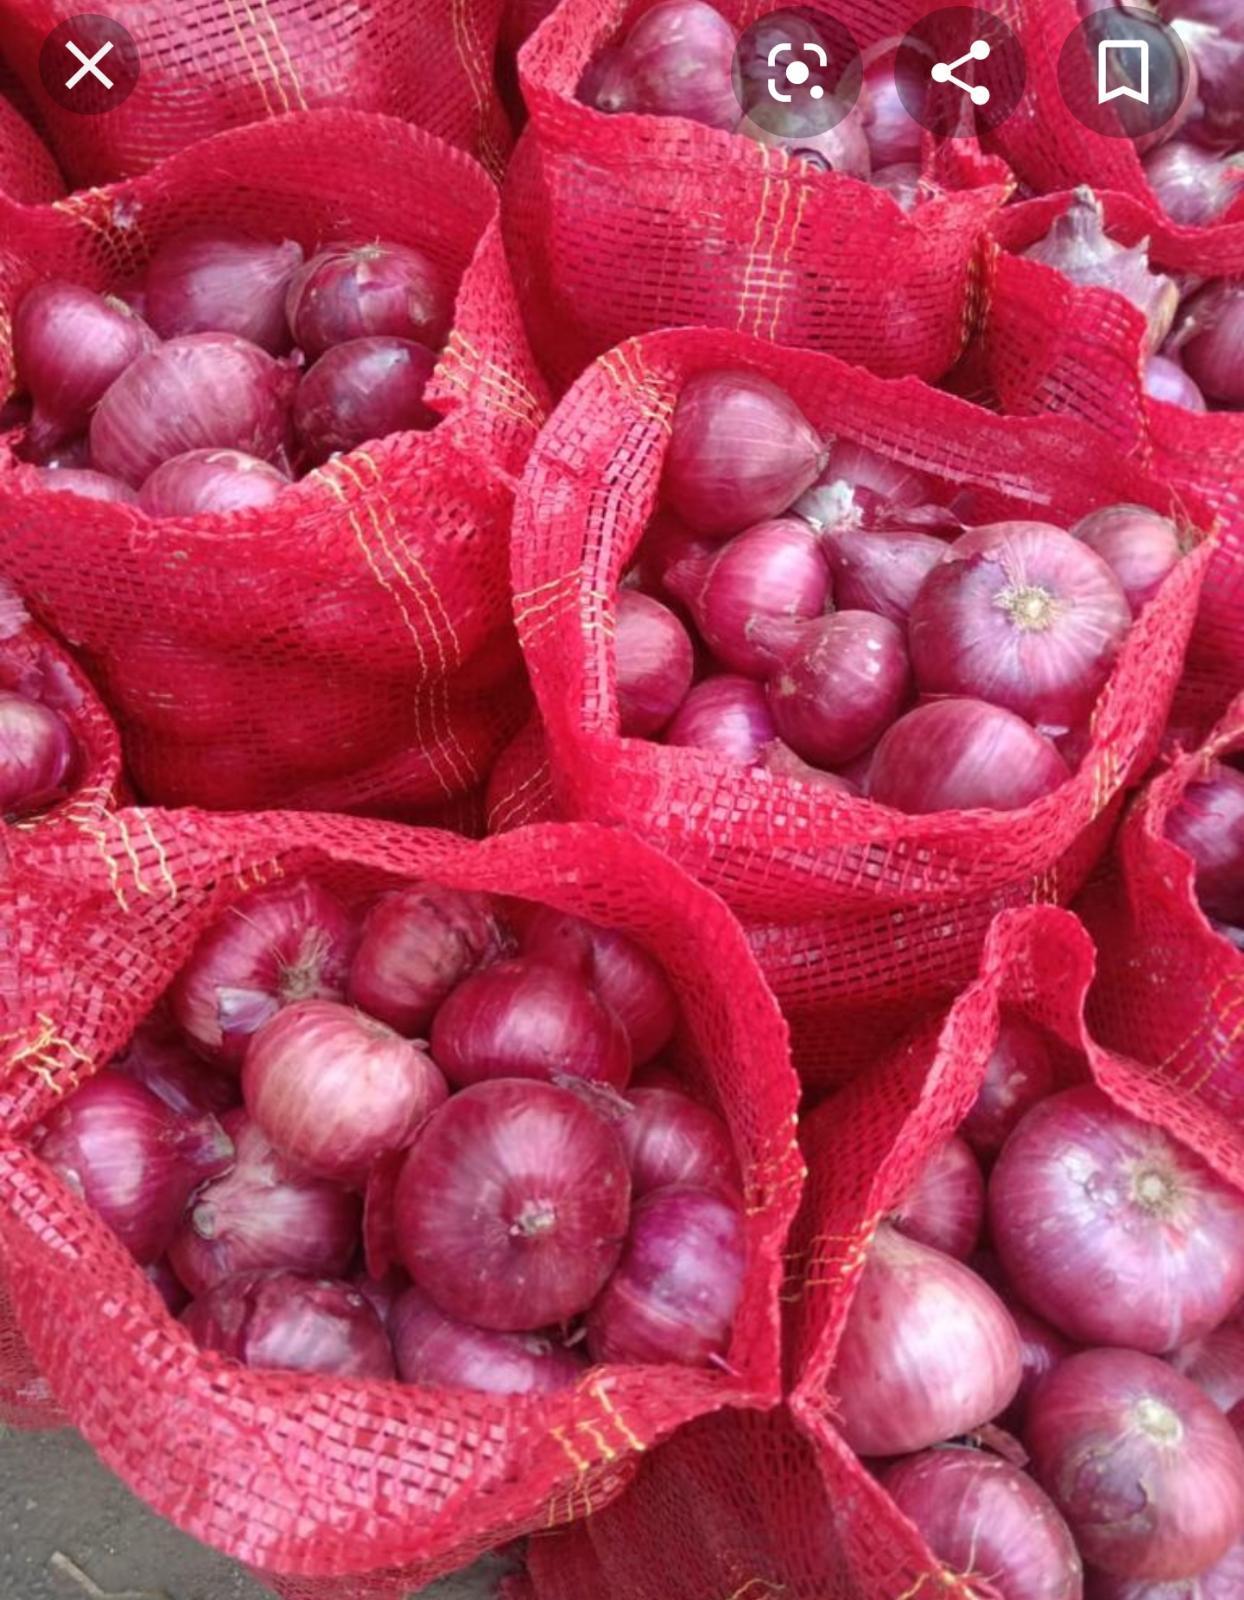 Kuru Soğan - Ömer Adil Sağlam 30.000 kilogram kuru soğan almak istiyor